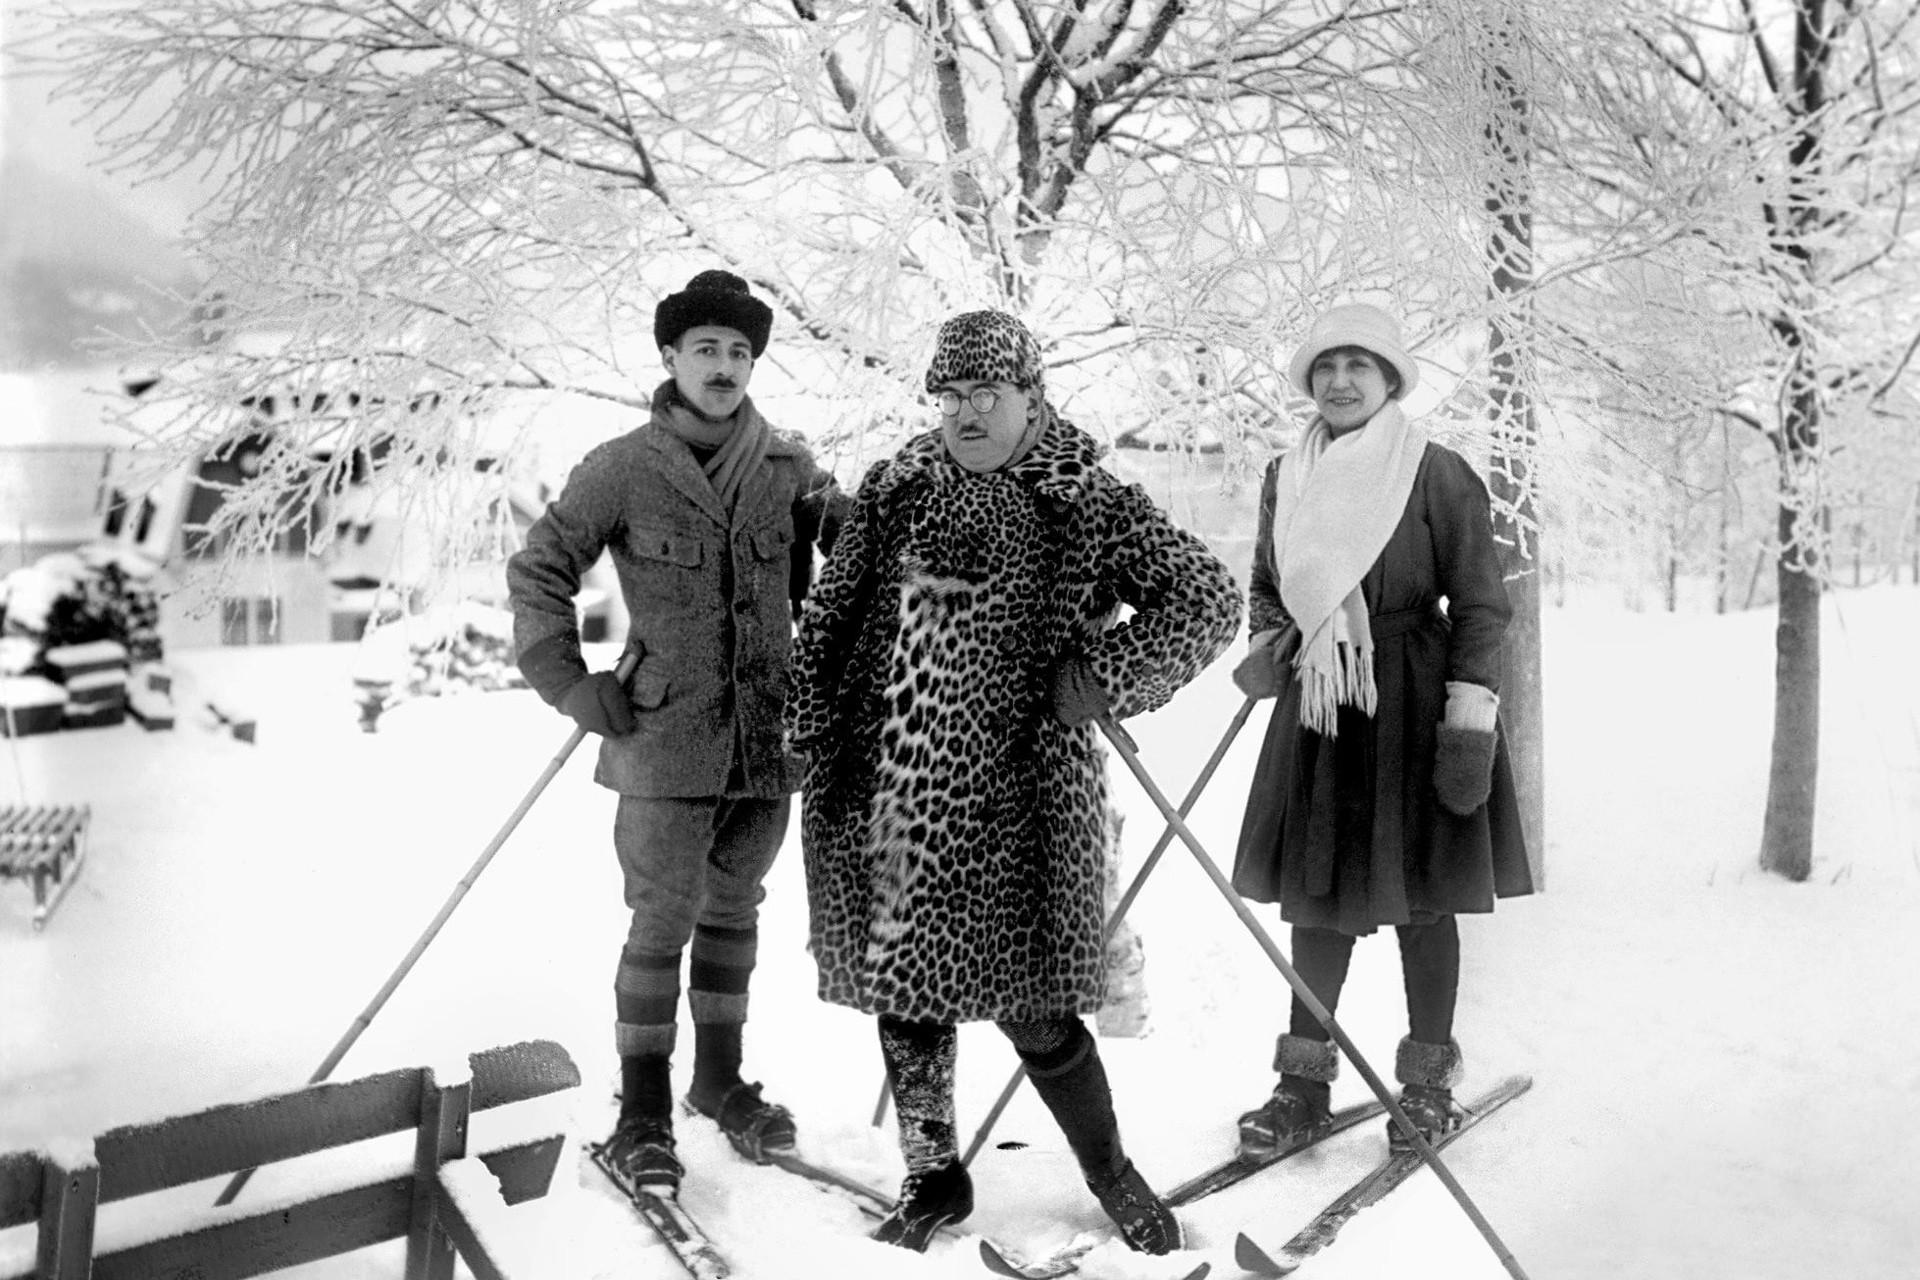 Винтажные фото часть 1: как катались на лыжах 80 лет назад